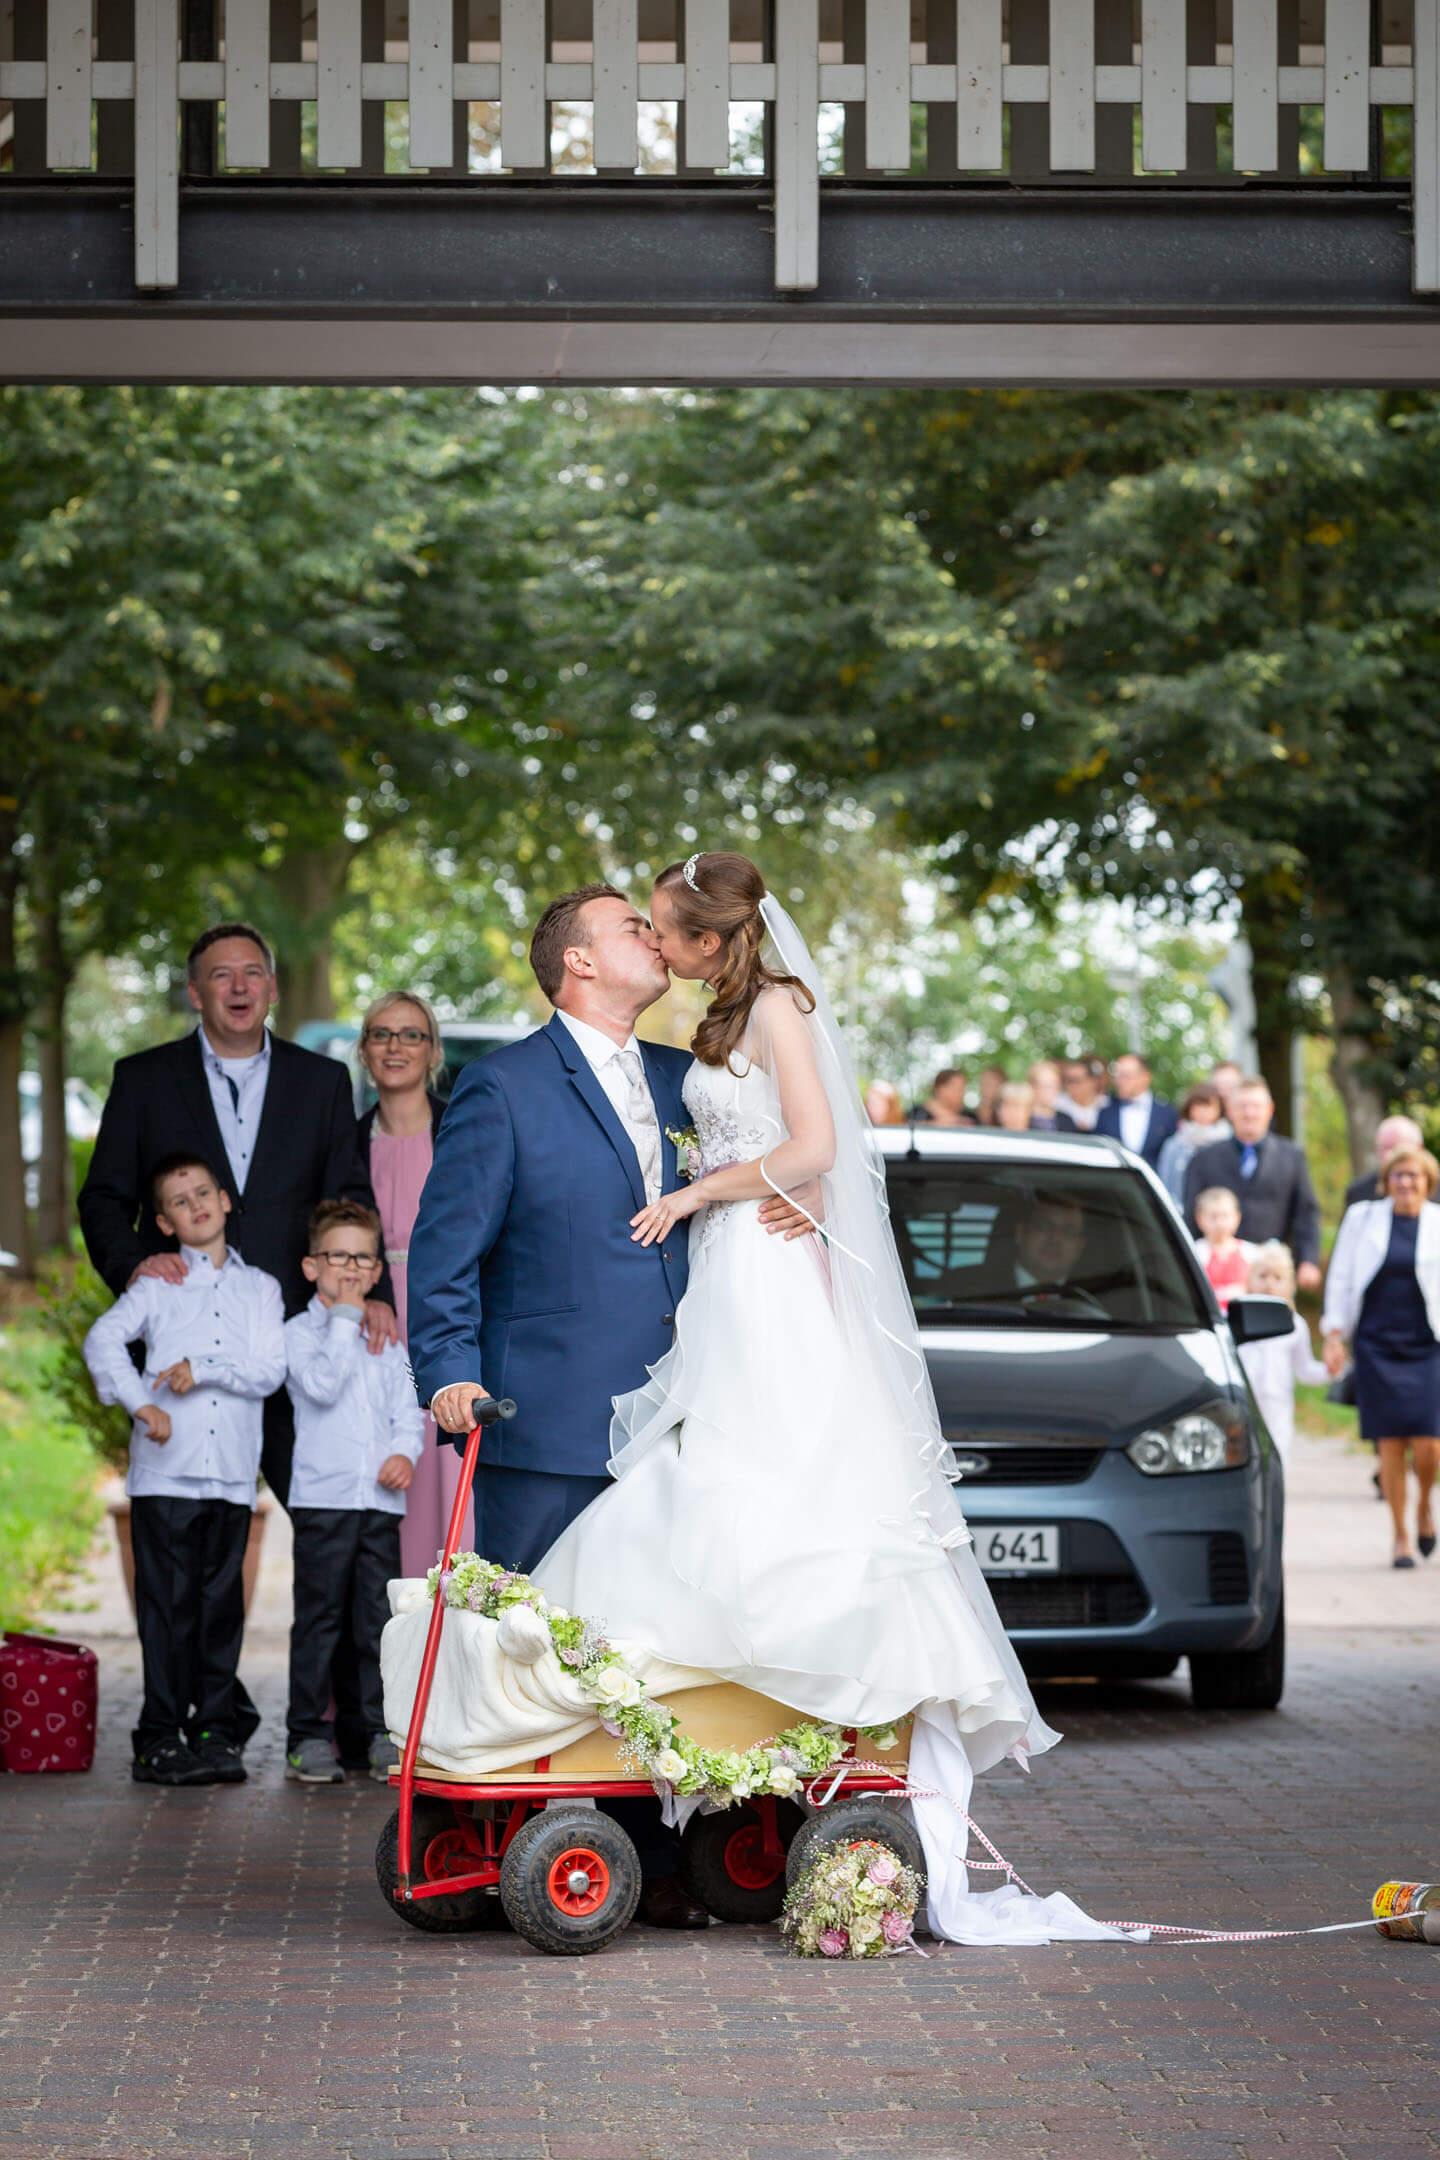 Brautpaar küsst sich, während die Braut im Bollerwagen steht